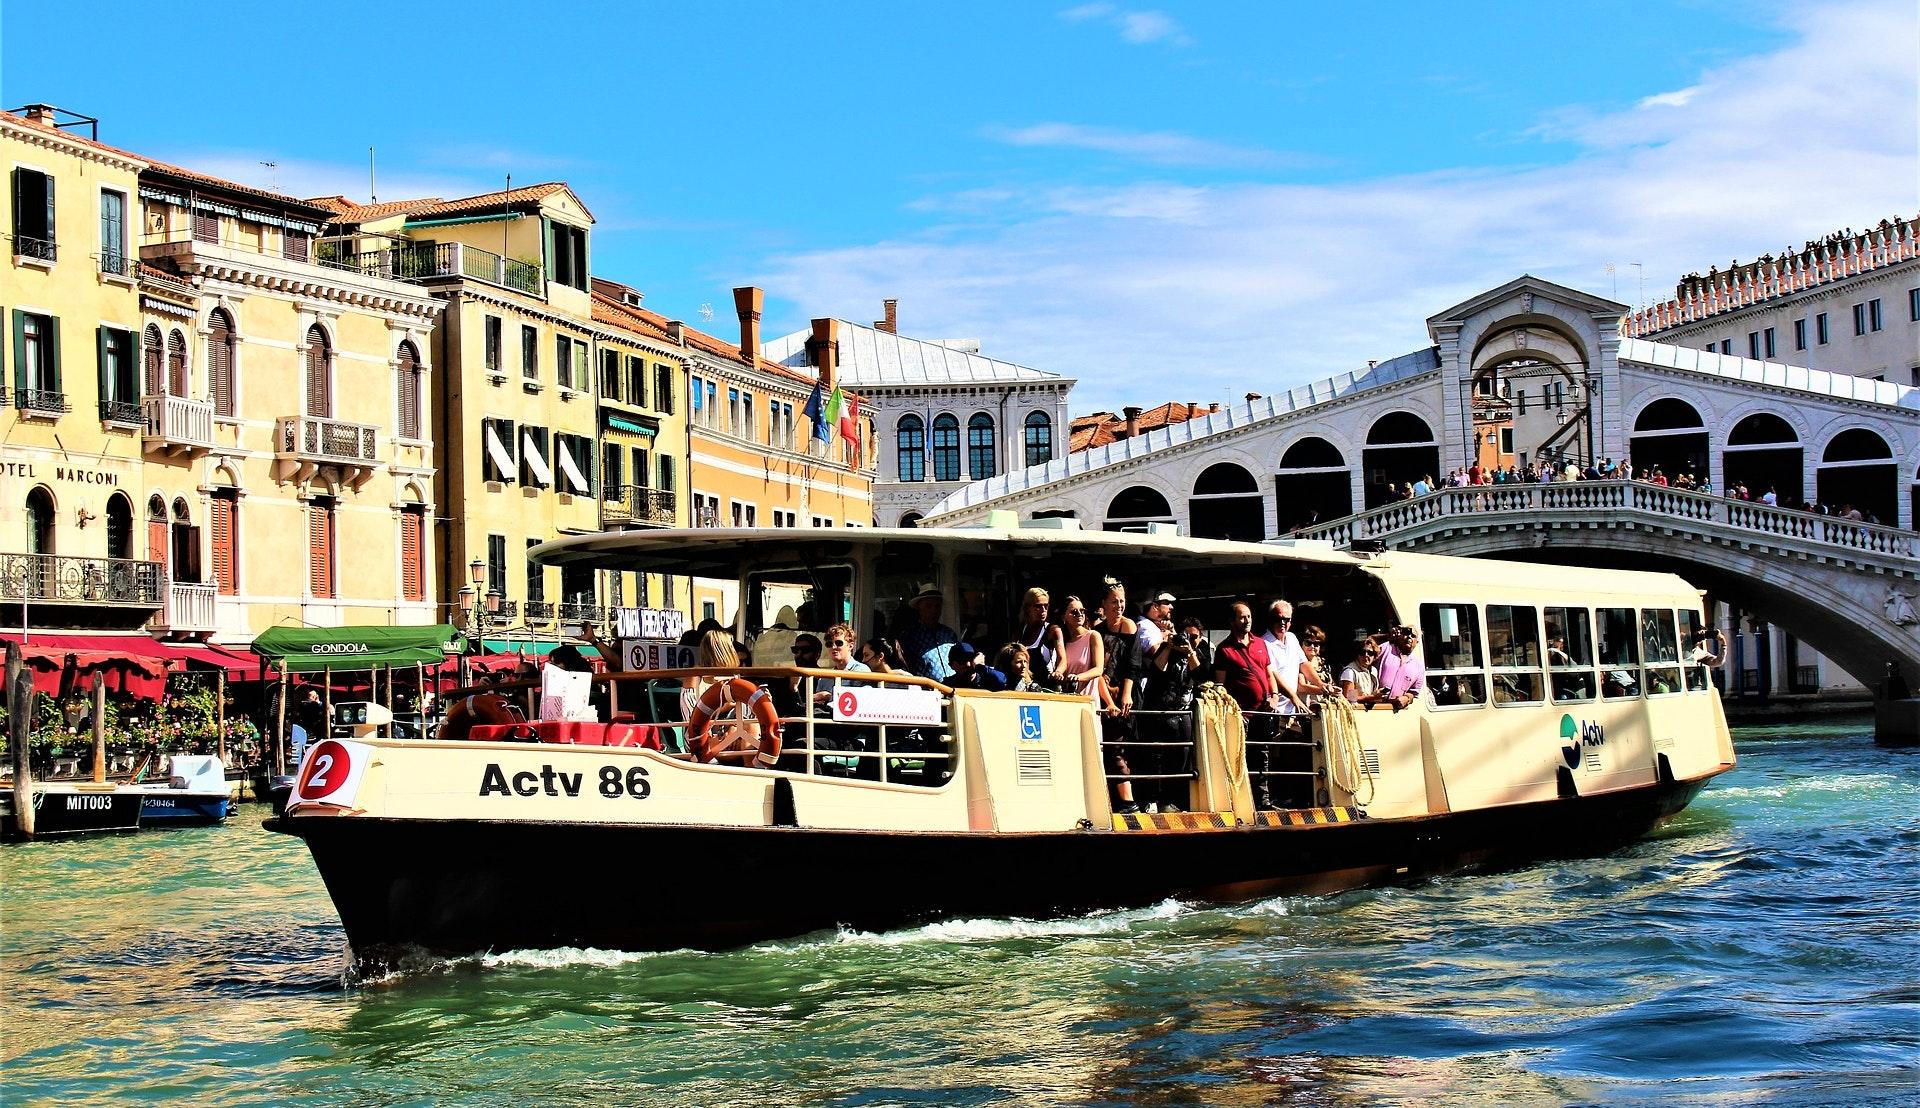 Vaporetto vannbuss i Venezia © Lena Lindell, Pixabay